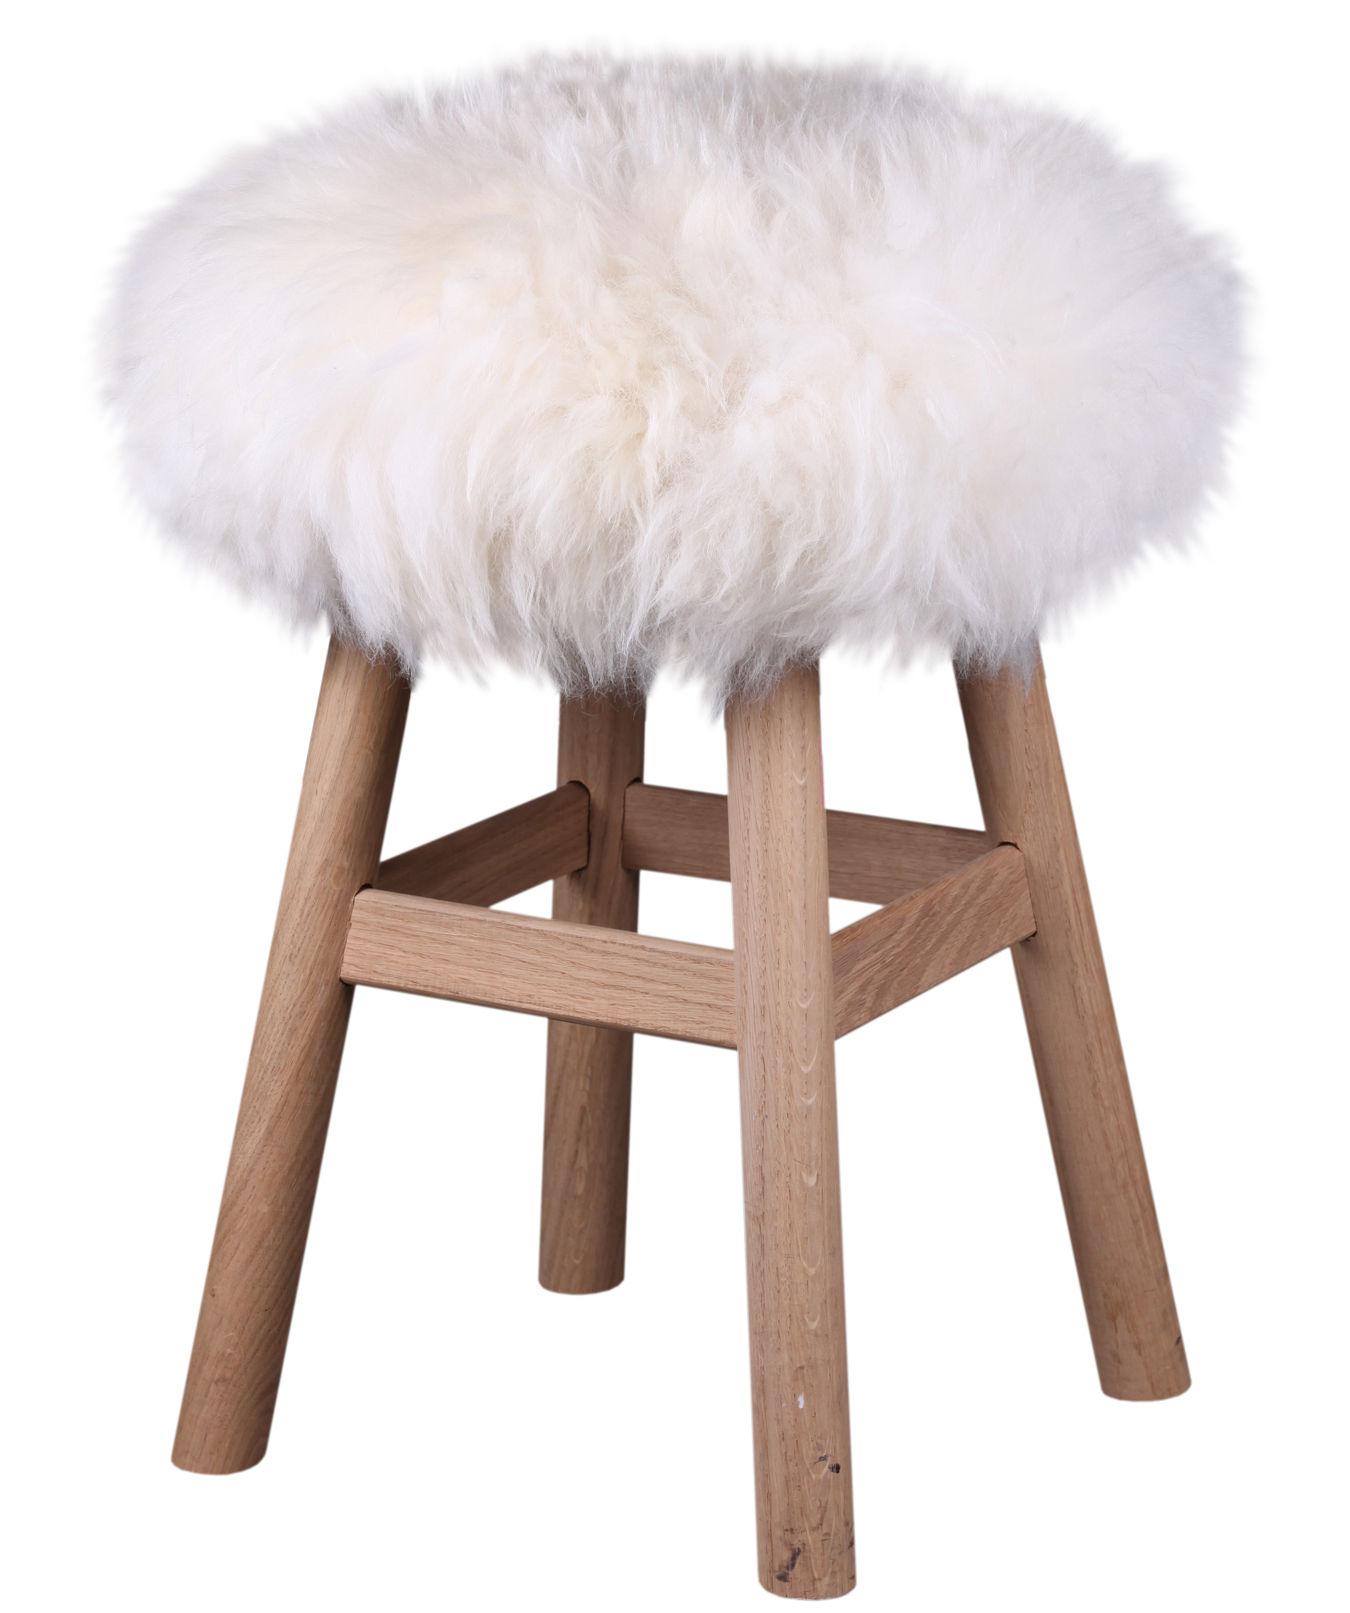 housse de tabouret top moumoute peau de mouton v ritable poils courts blanc fab design. Black Bedroom Furniture Sets. Home Design Ideas